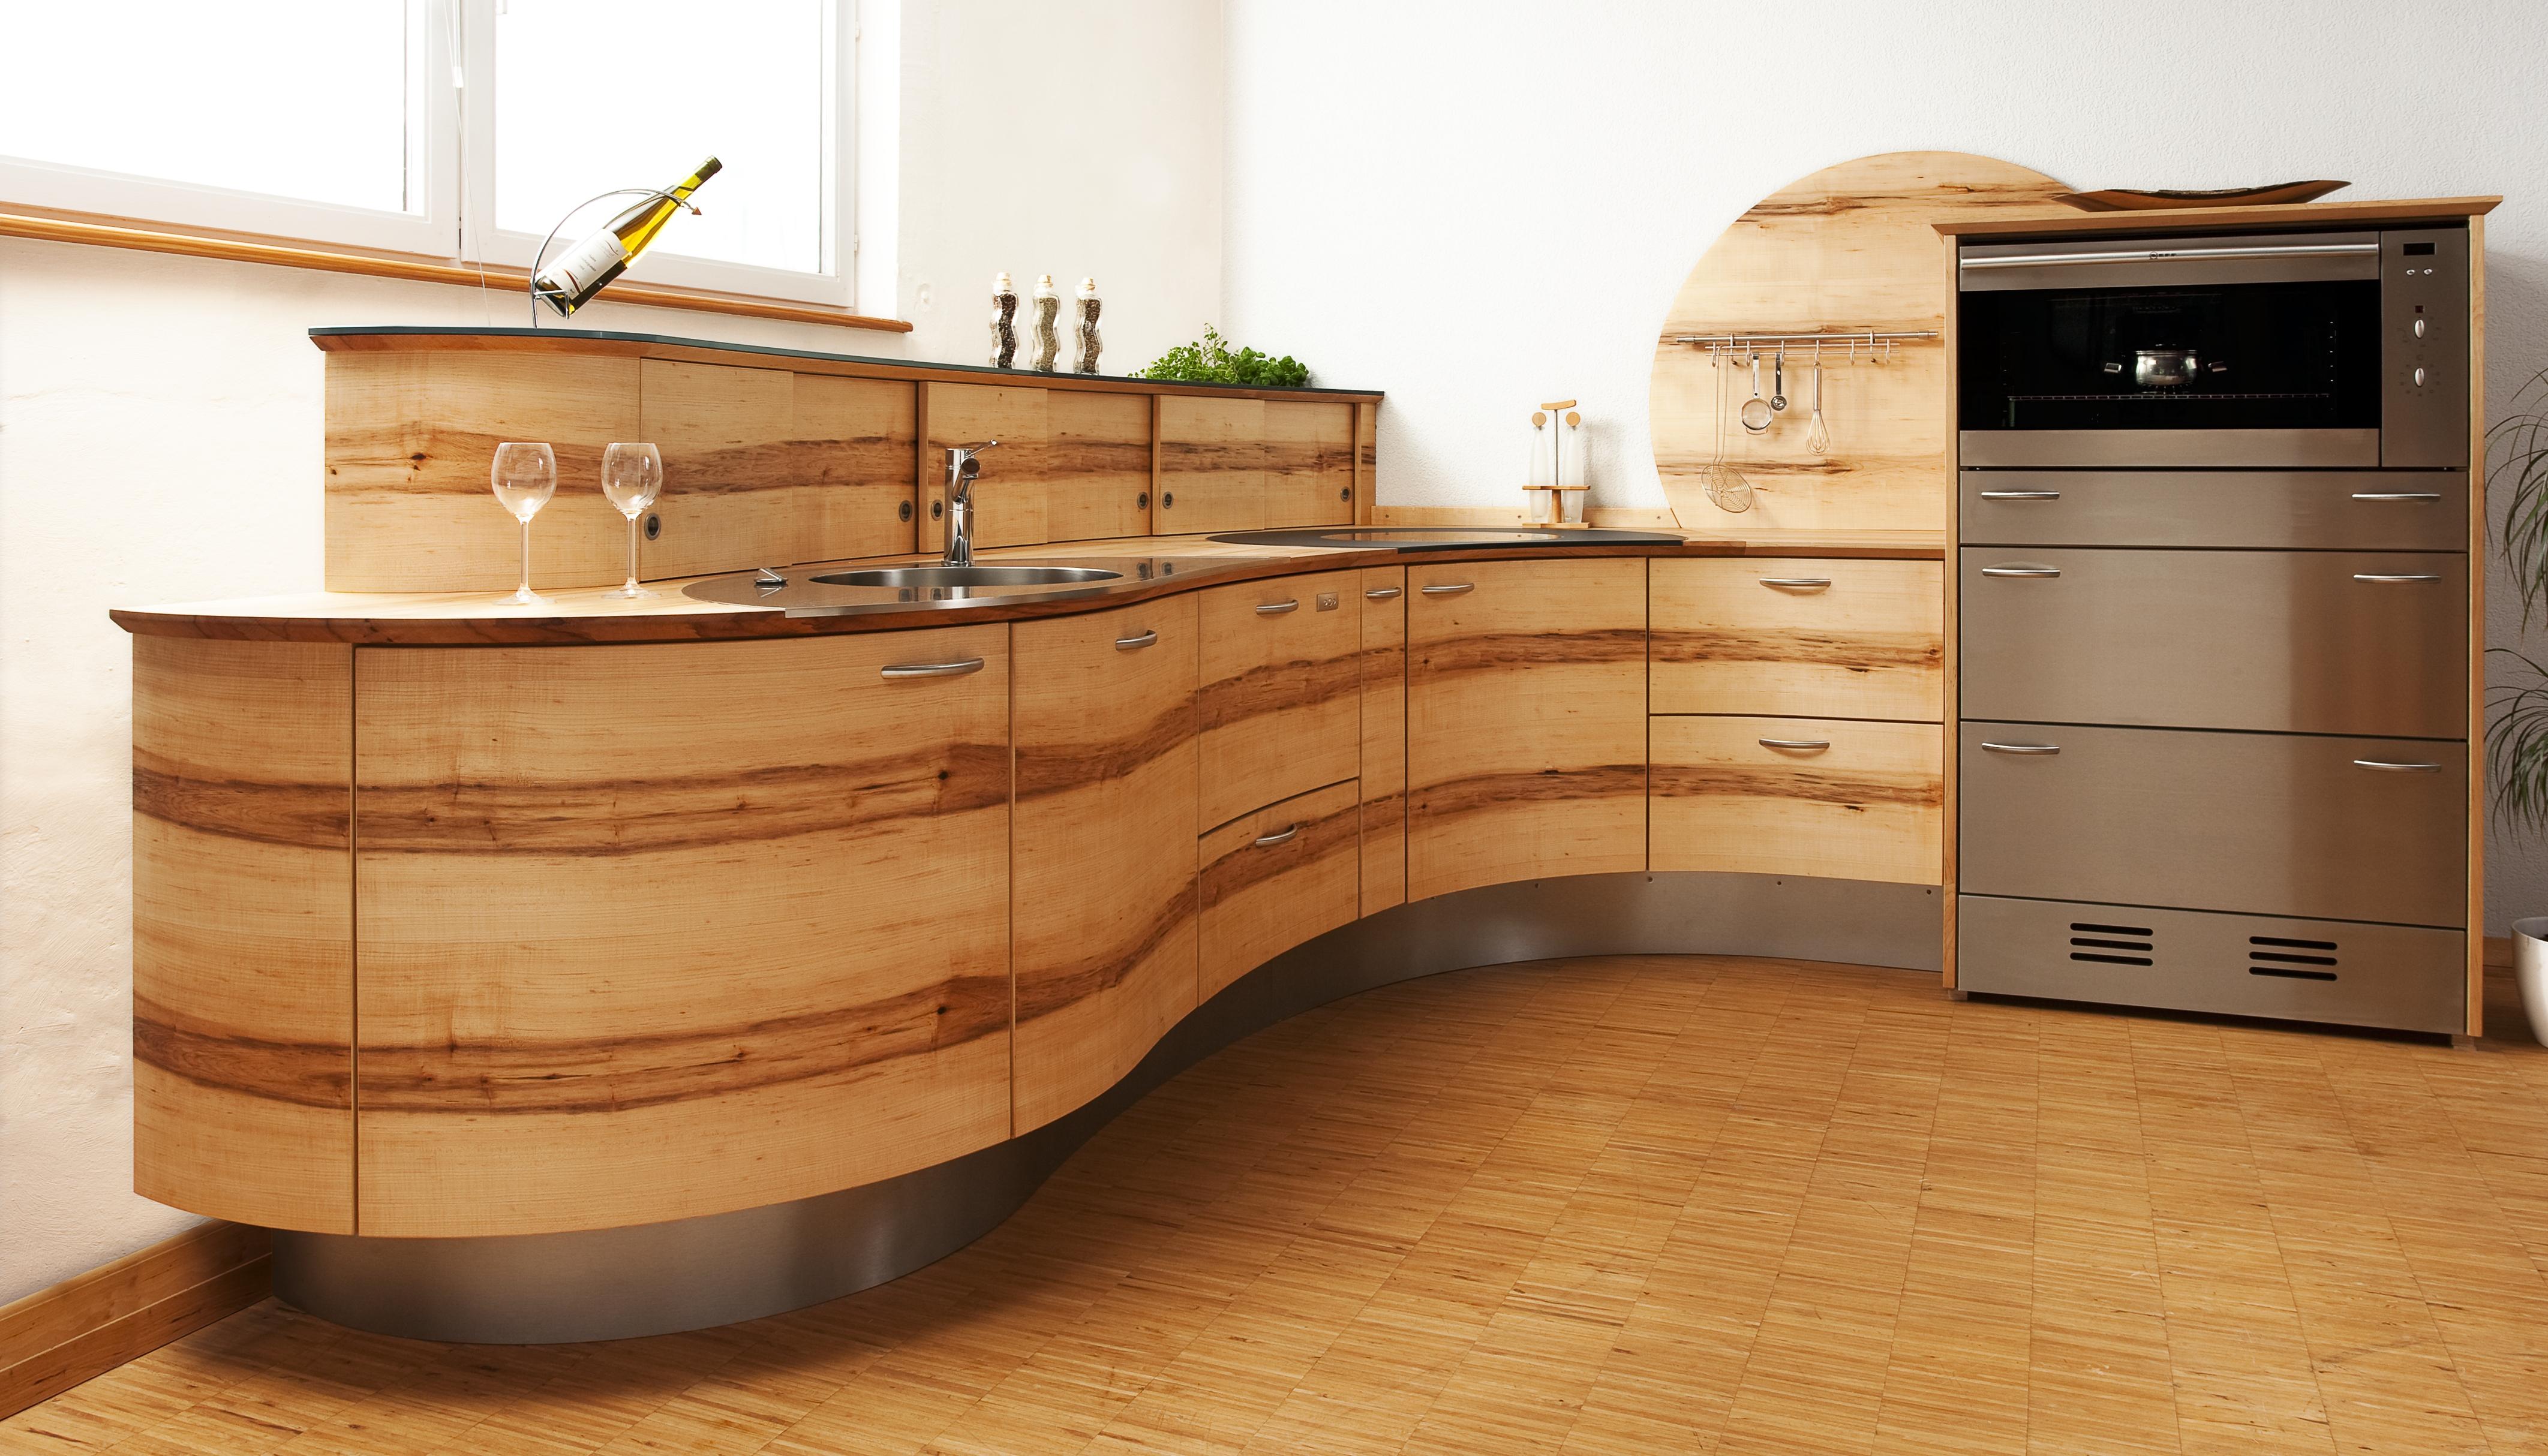 Holzküche: Was ist der Unterschied zwischen Massivholz ...